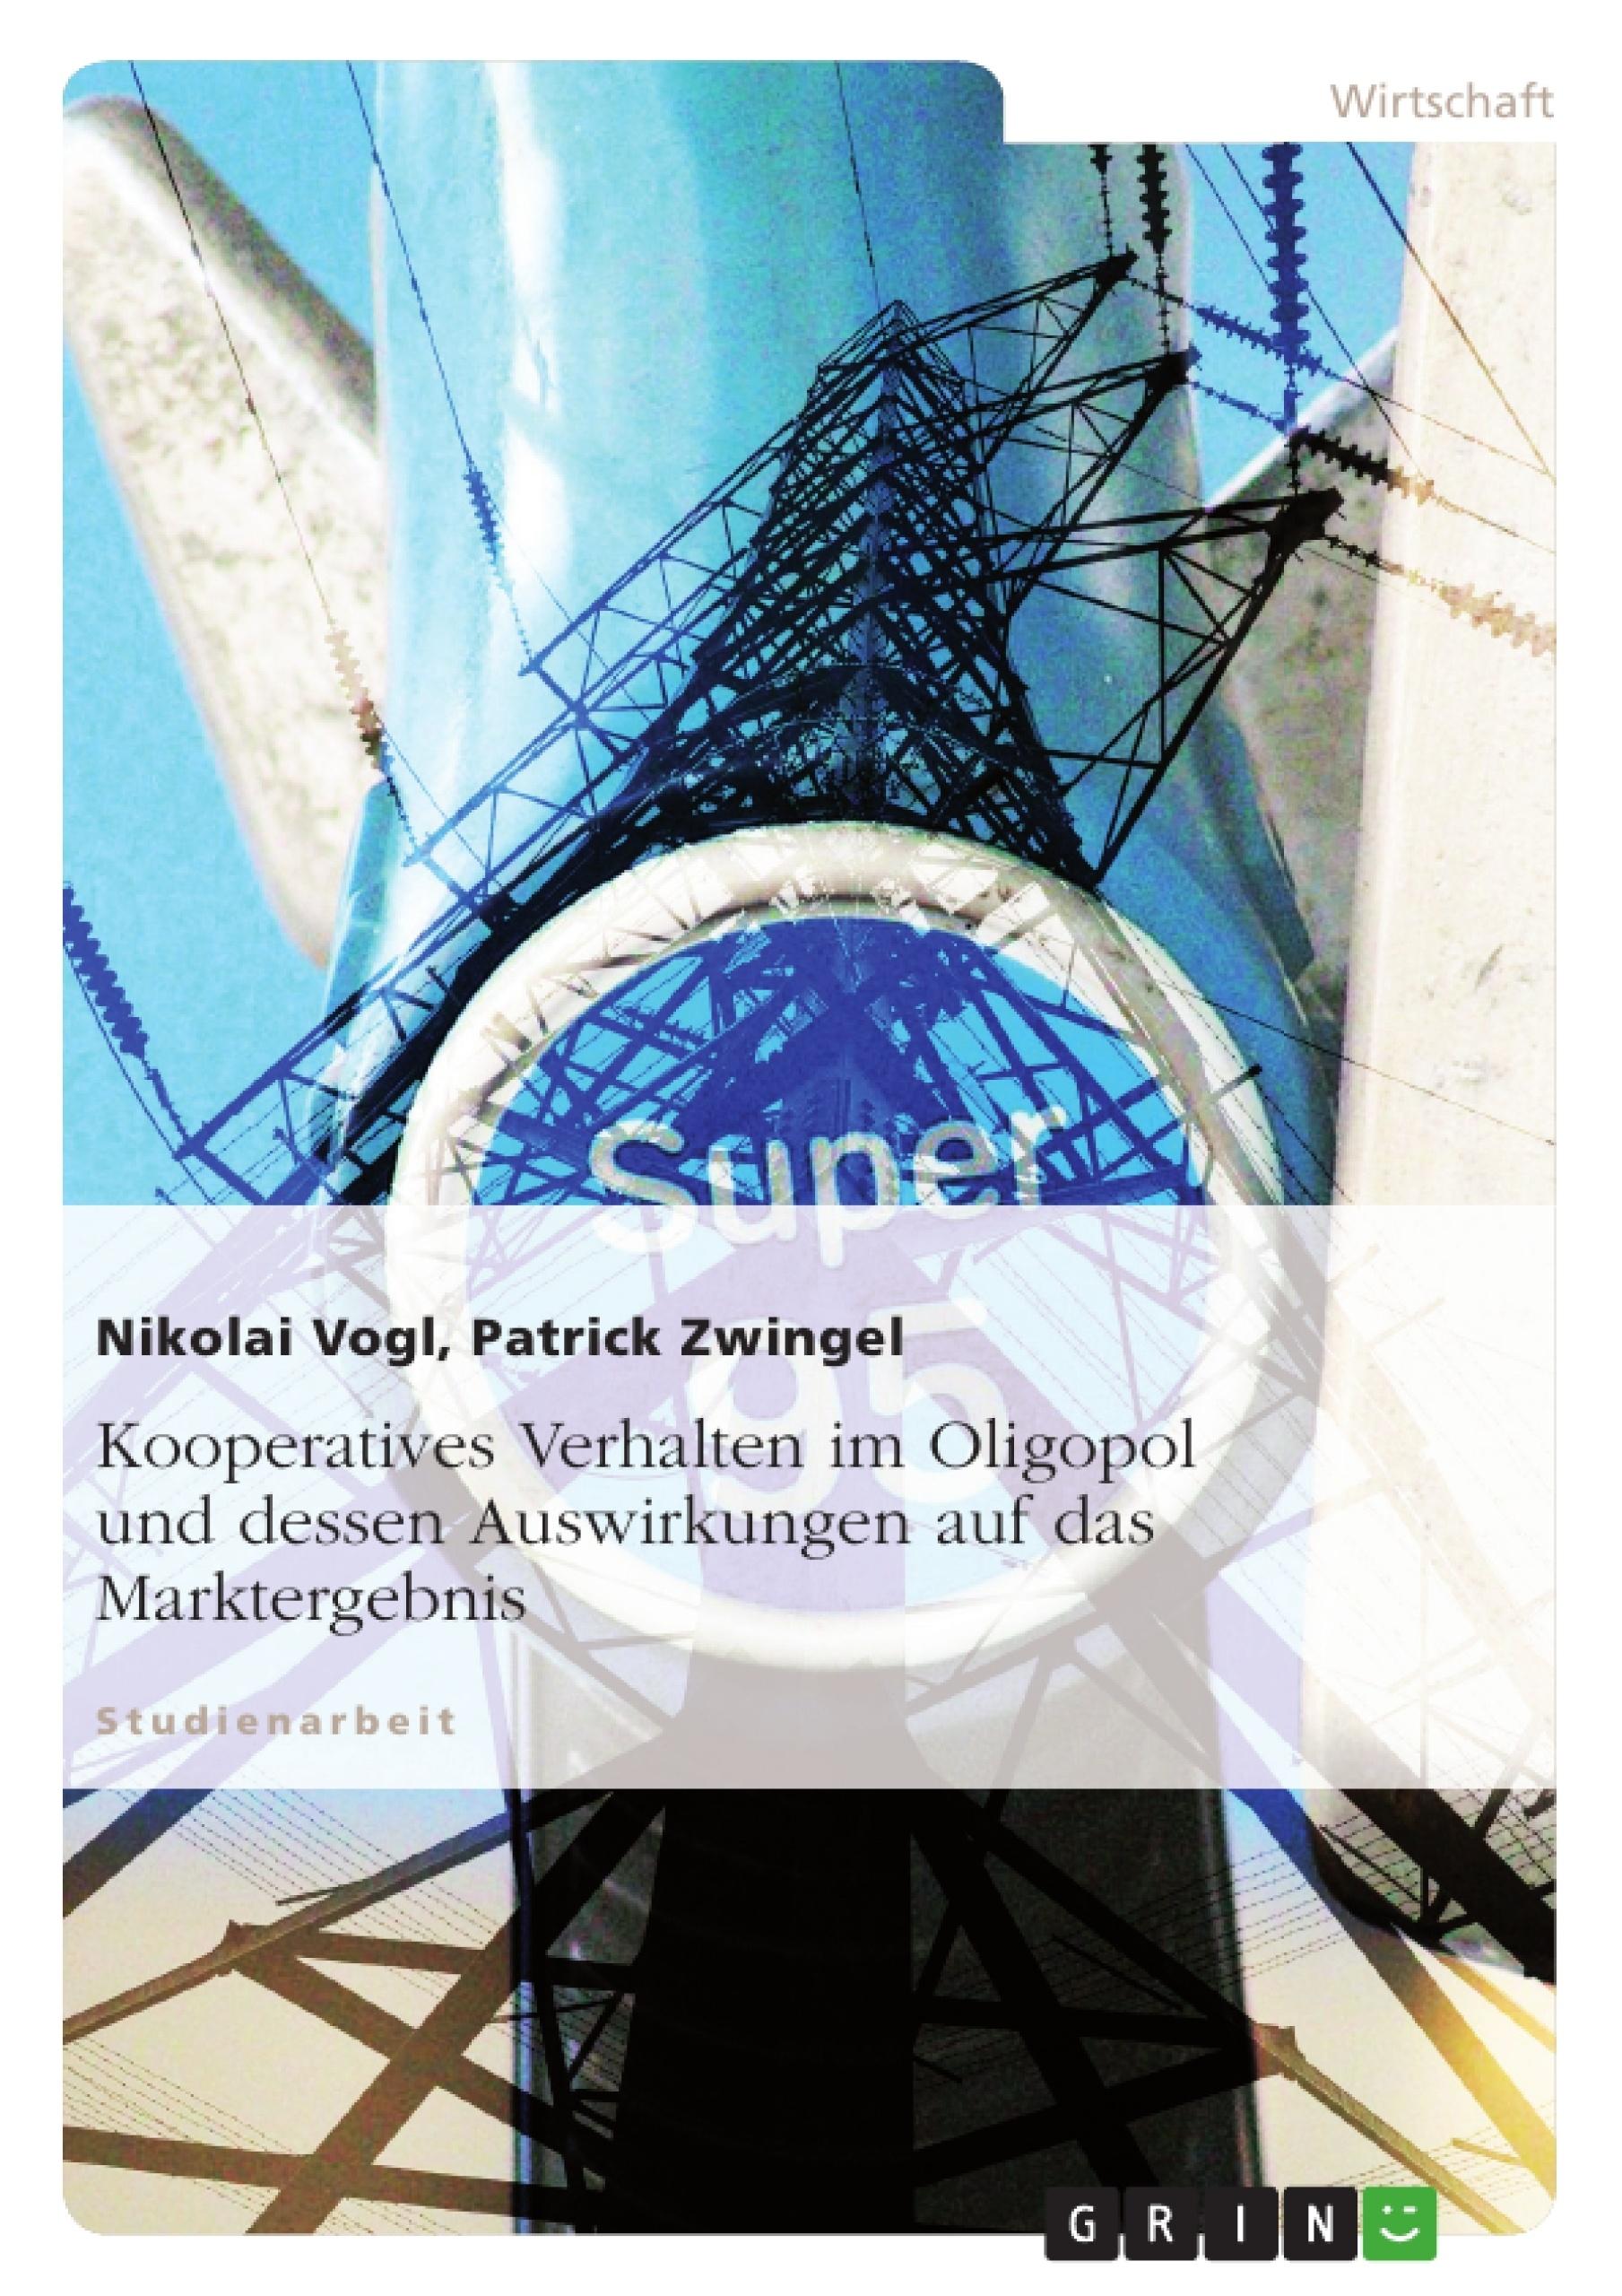 Titel: Kooperatives Verhalten im Oligopol und dessen Auswirkungen auf das Marktergebnis